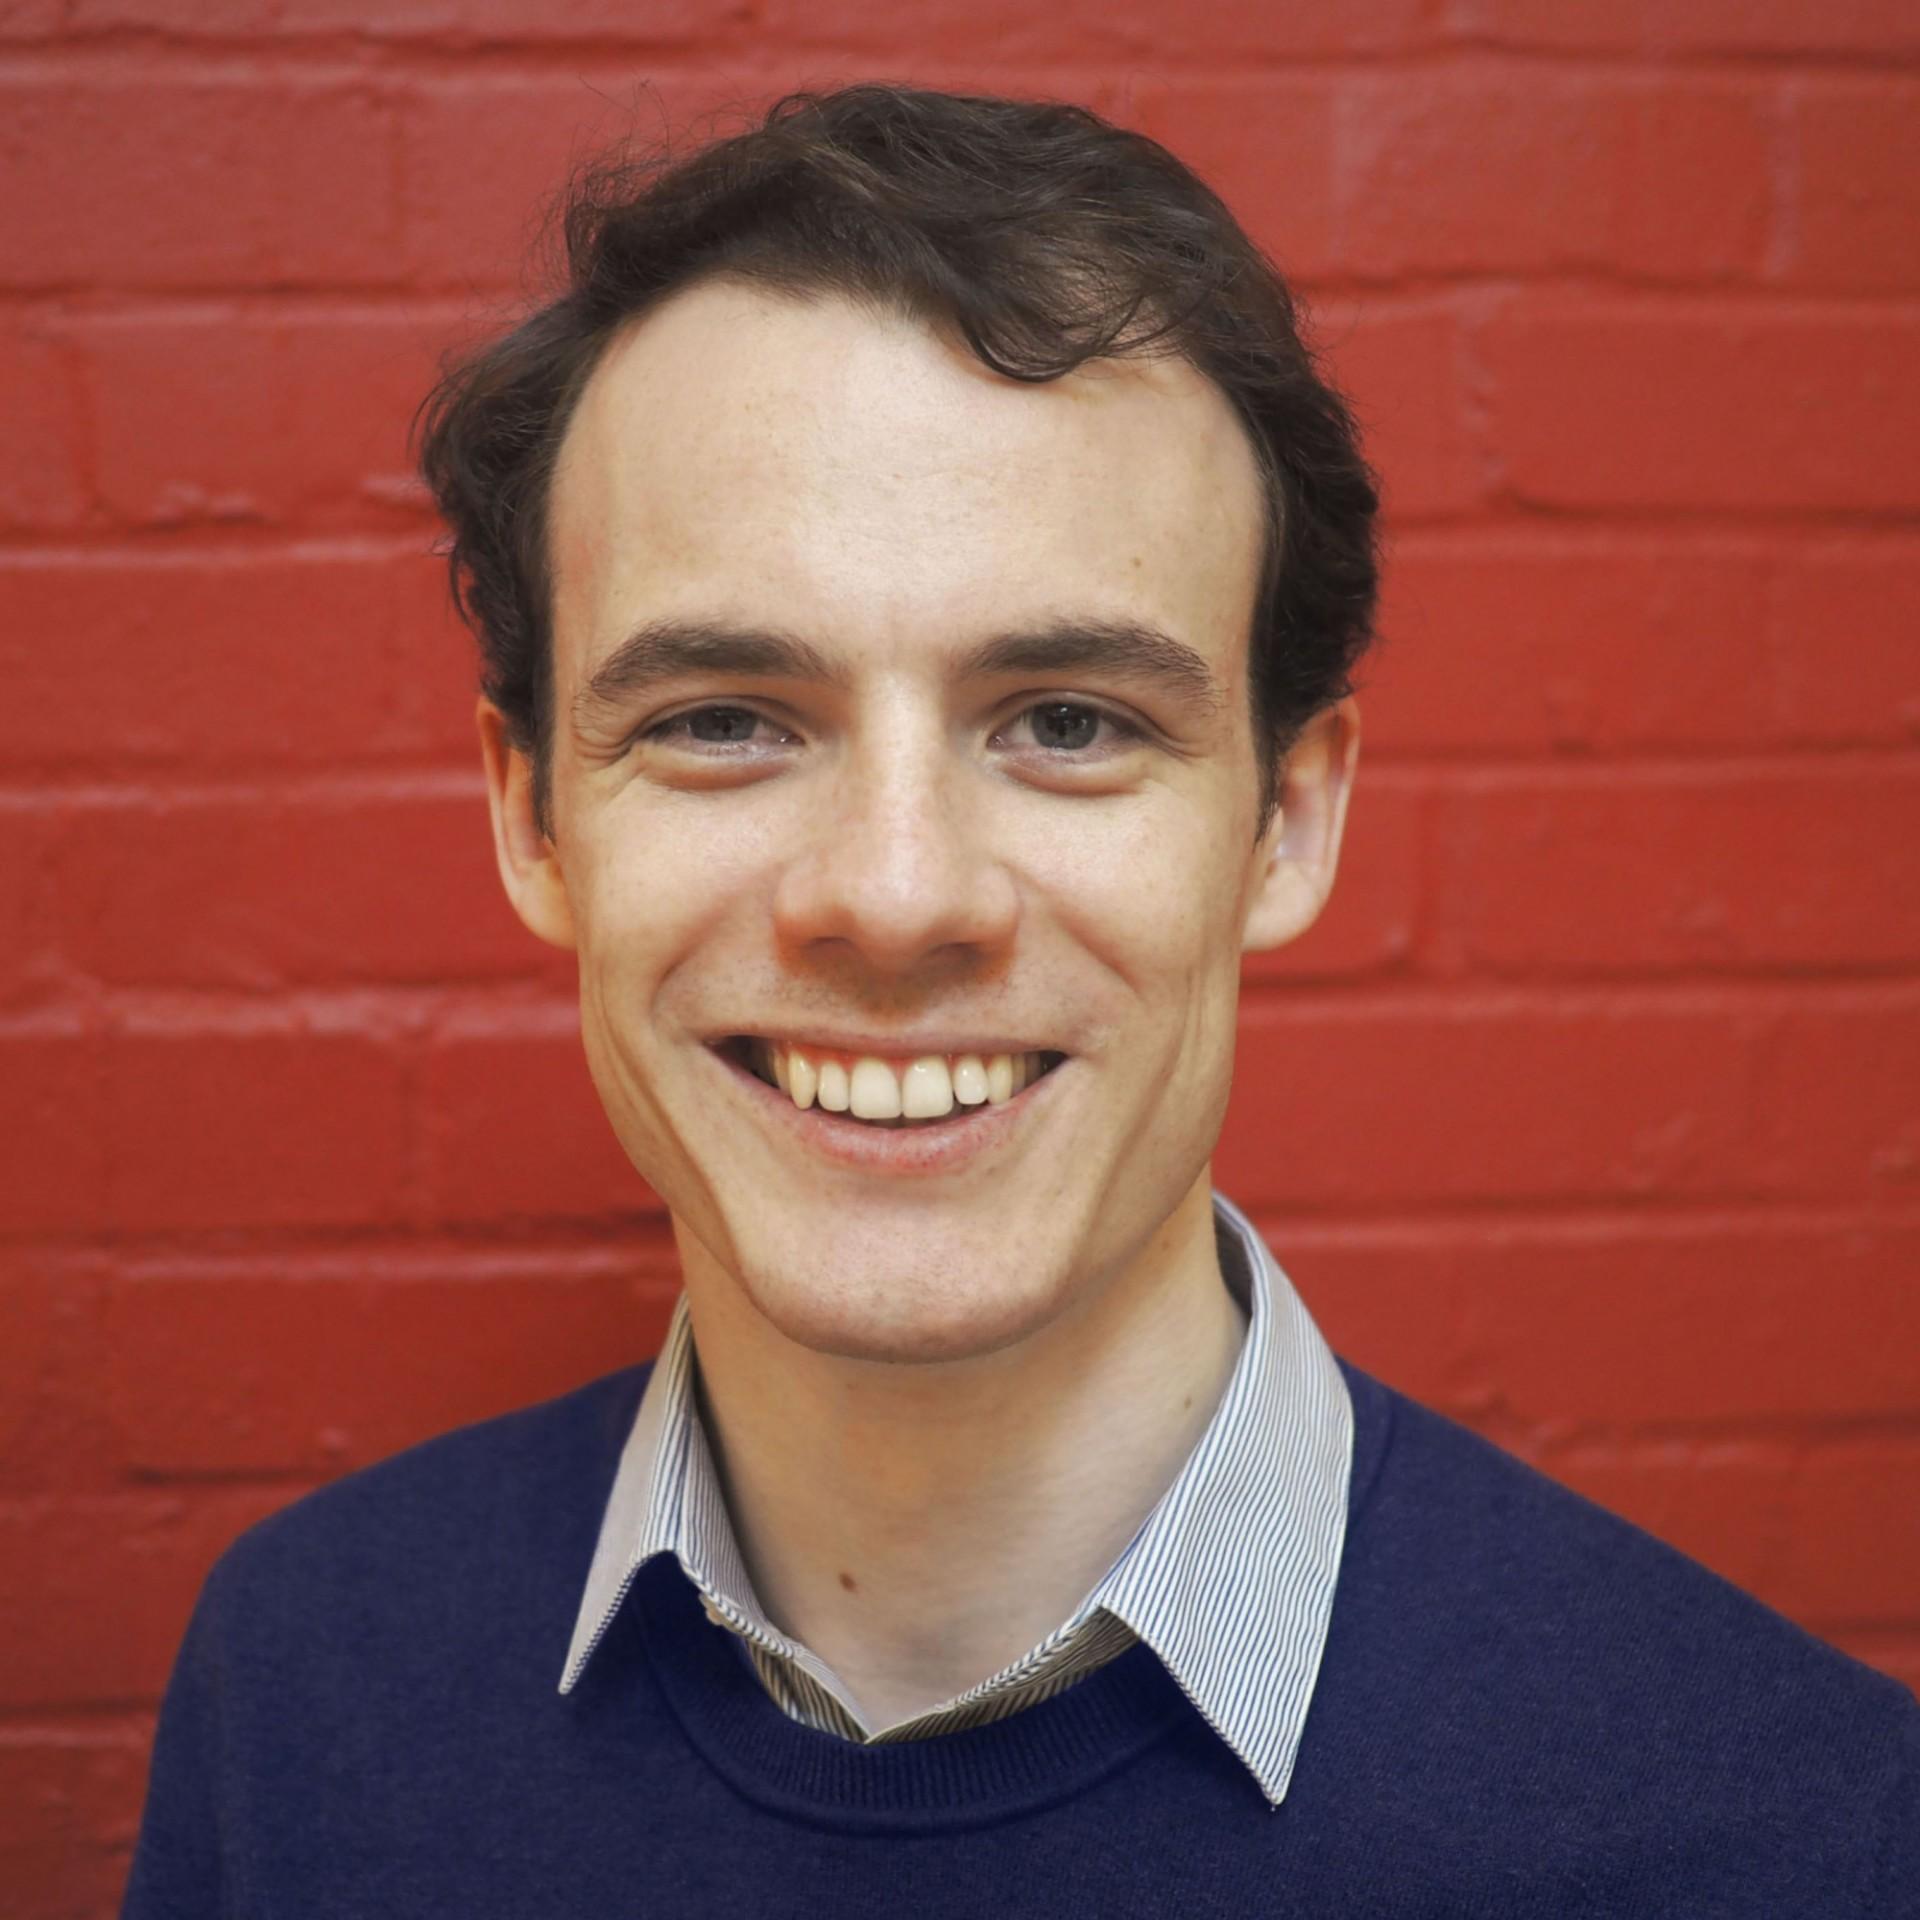 photo of Felix M. Simon